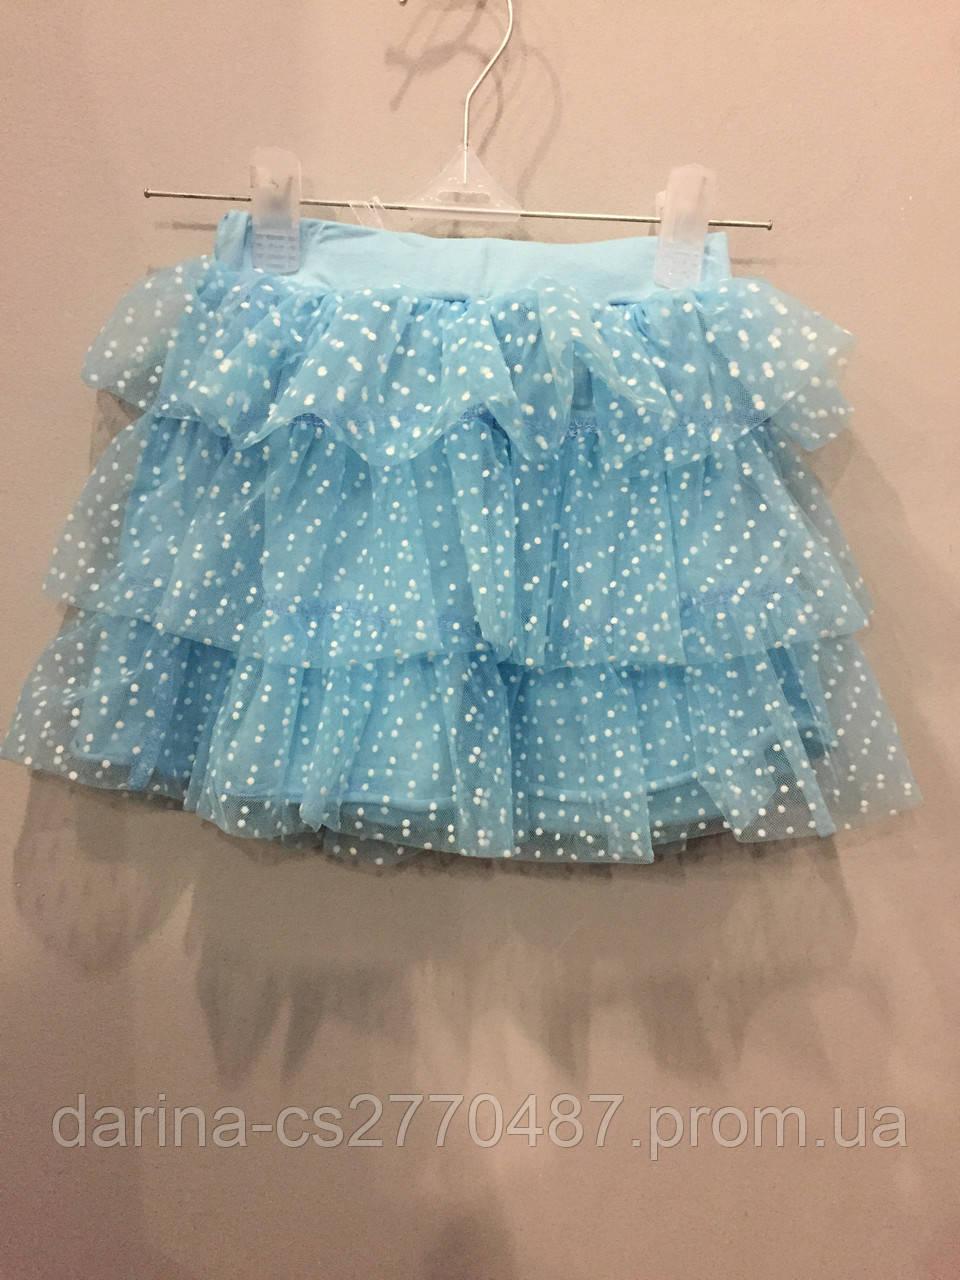 Детская юбка из фатина 4, 5 г